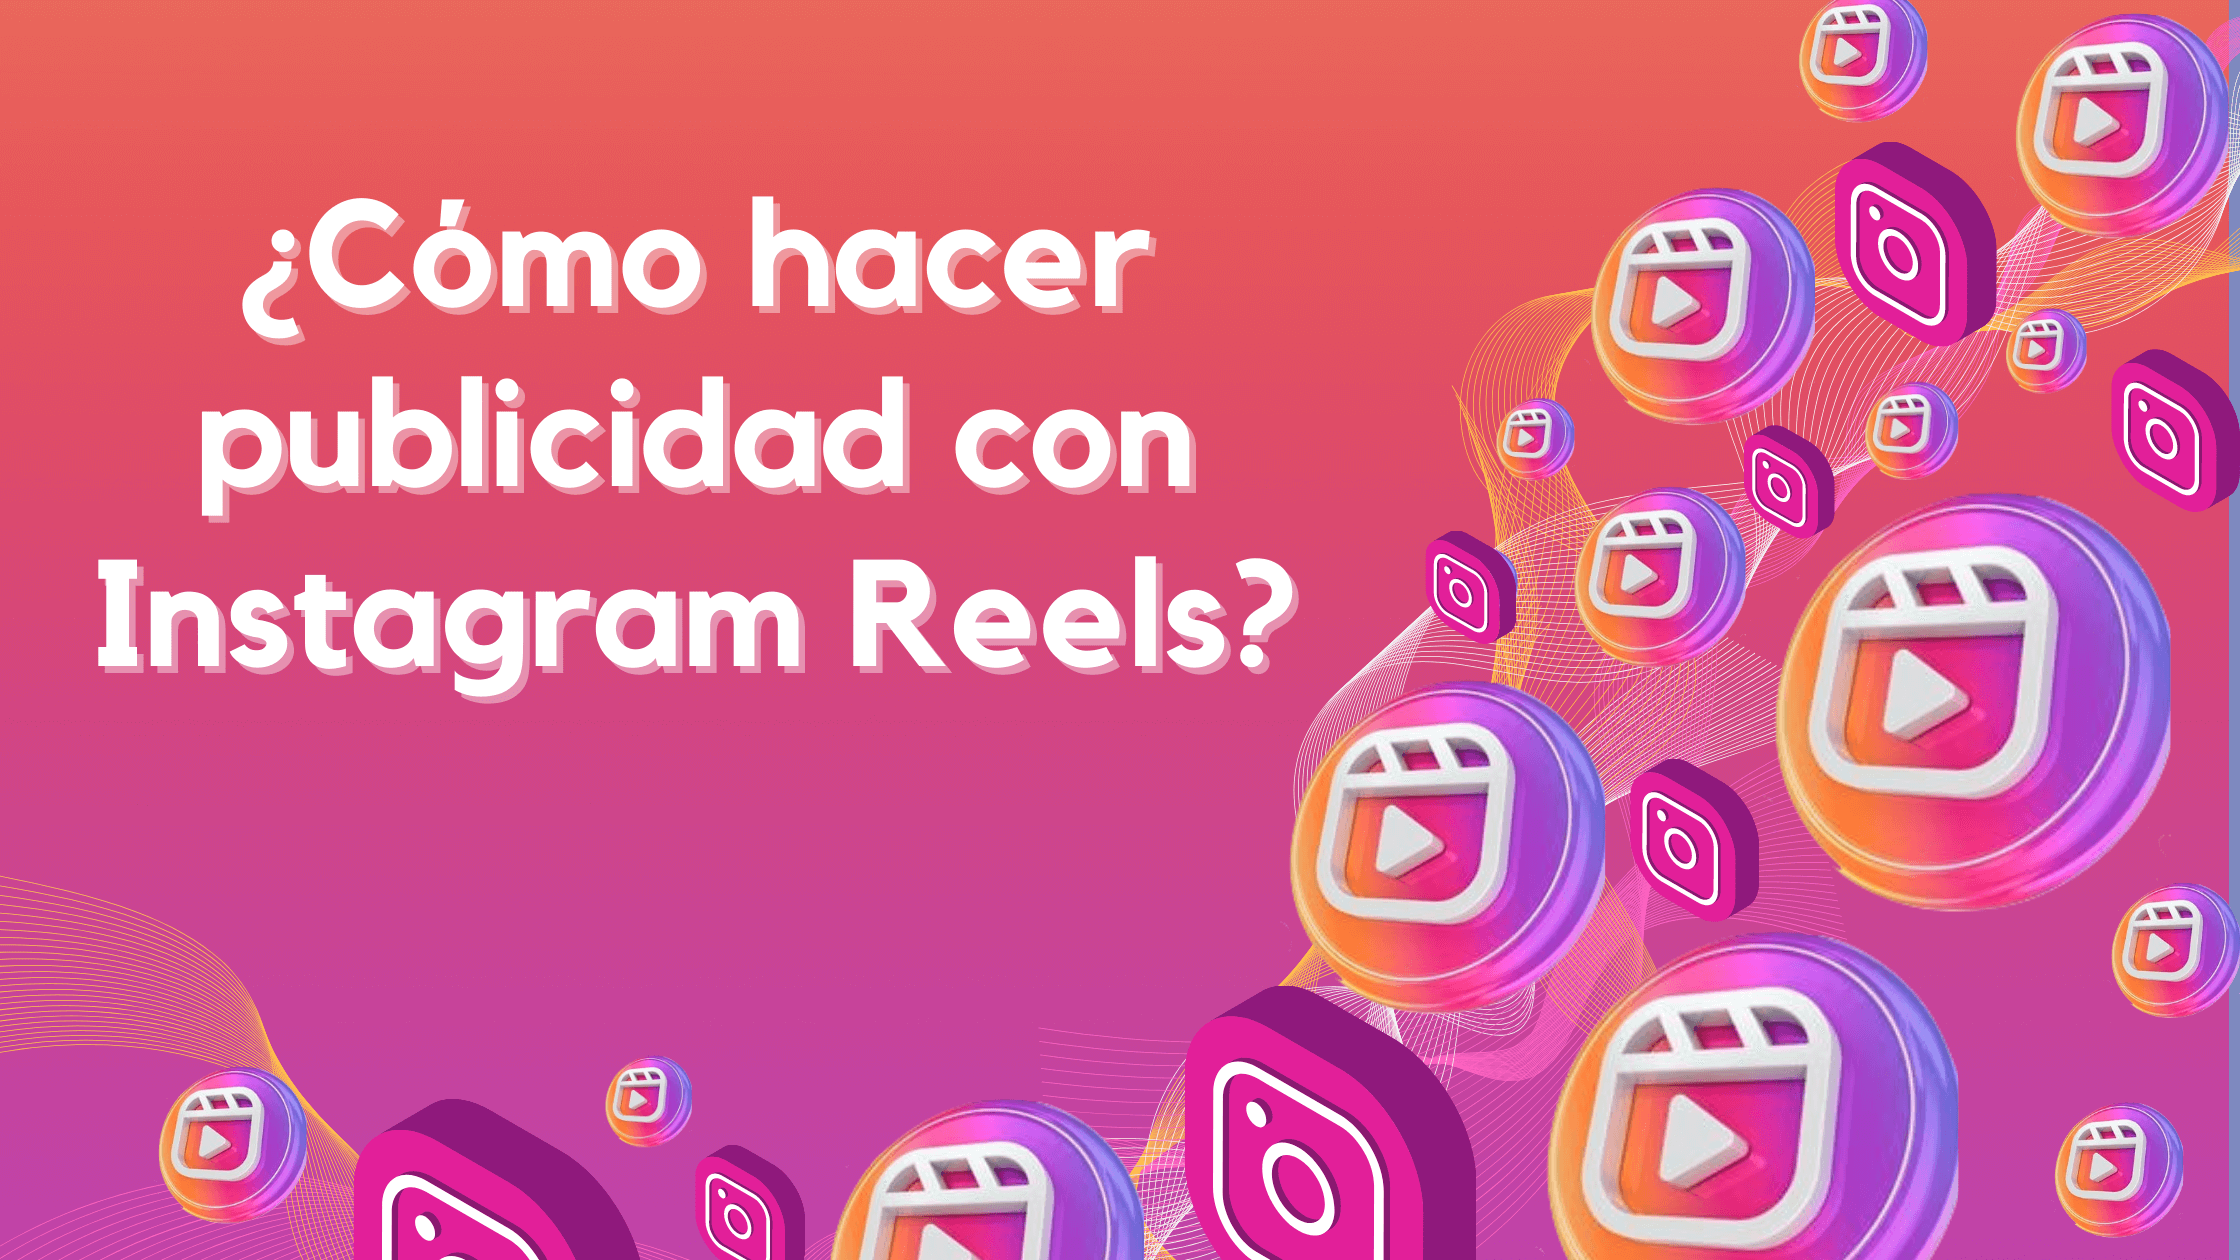 ¿Cómo hacer publicidad con Instagram Reels?